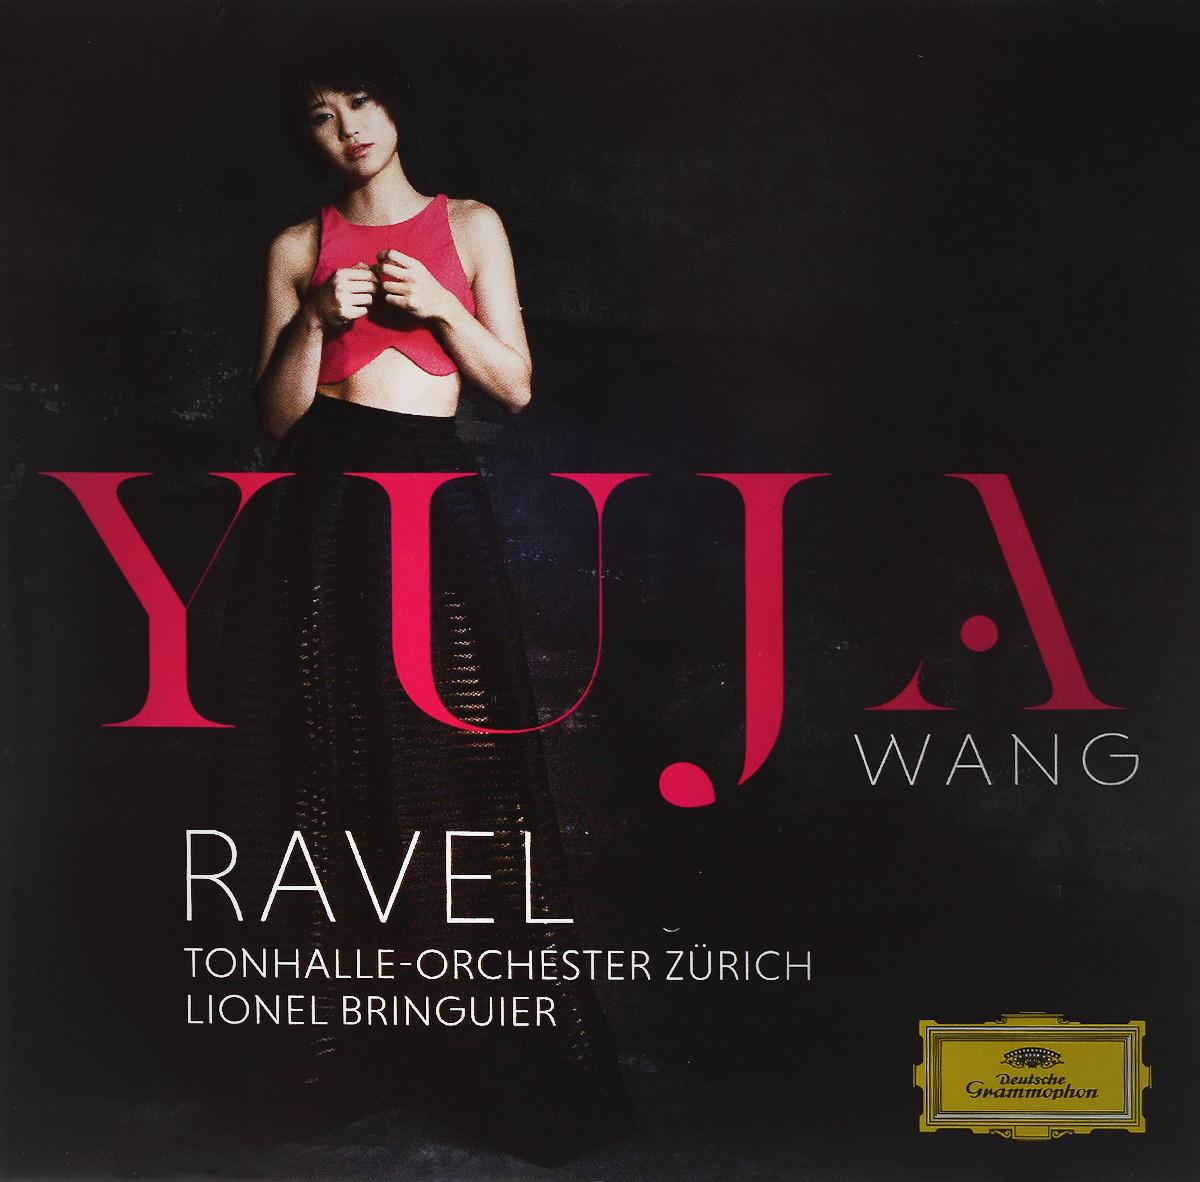 Ван Юйцзя,Tonhalle-Orchester Zurich,Лионель Бренгье Yuja Wang. Ravel леонидас кавакос ван юйцзя leonidas kavakos yuja wang brahms the violin sonatas